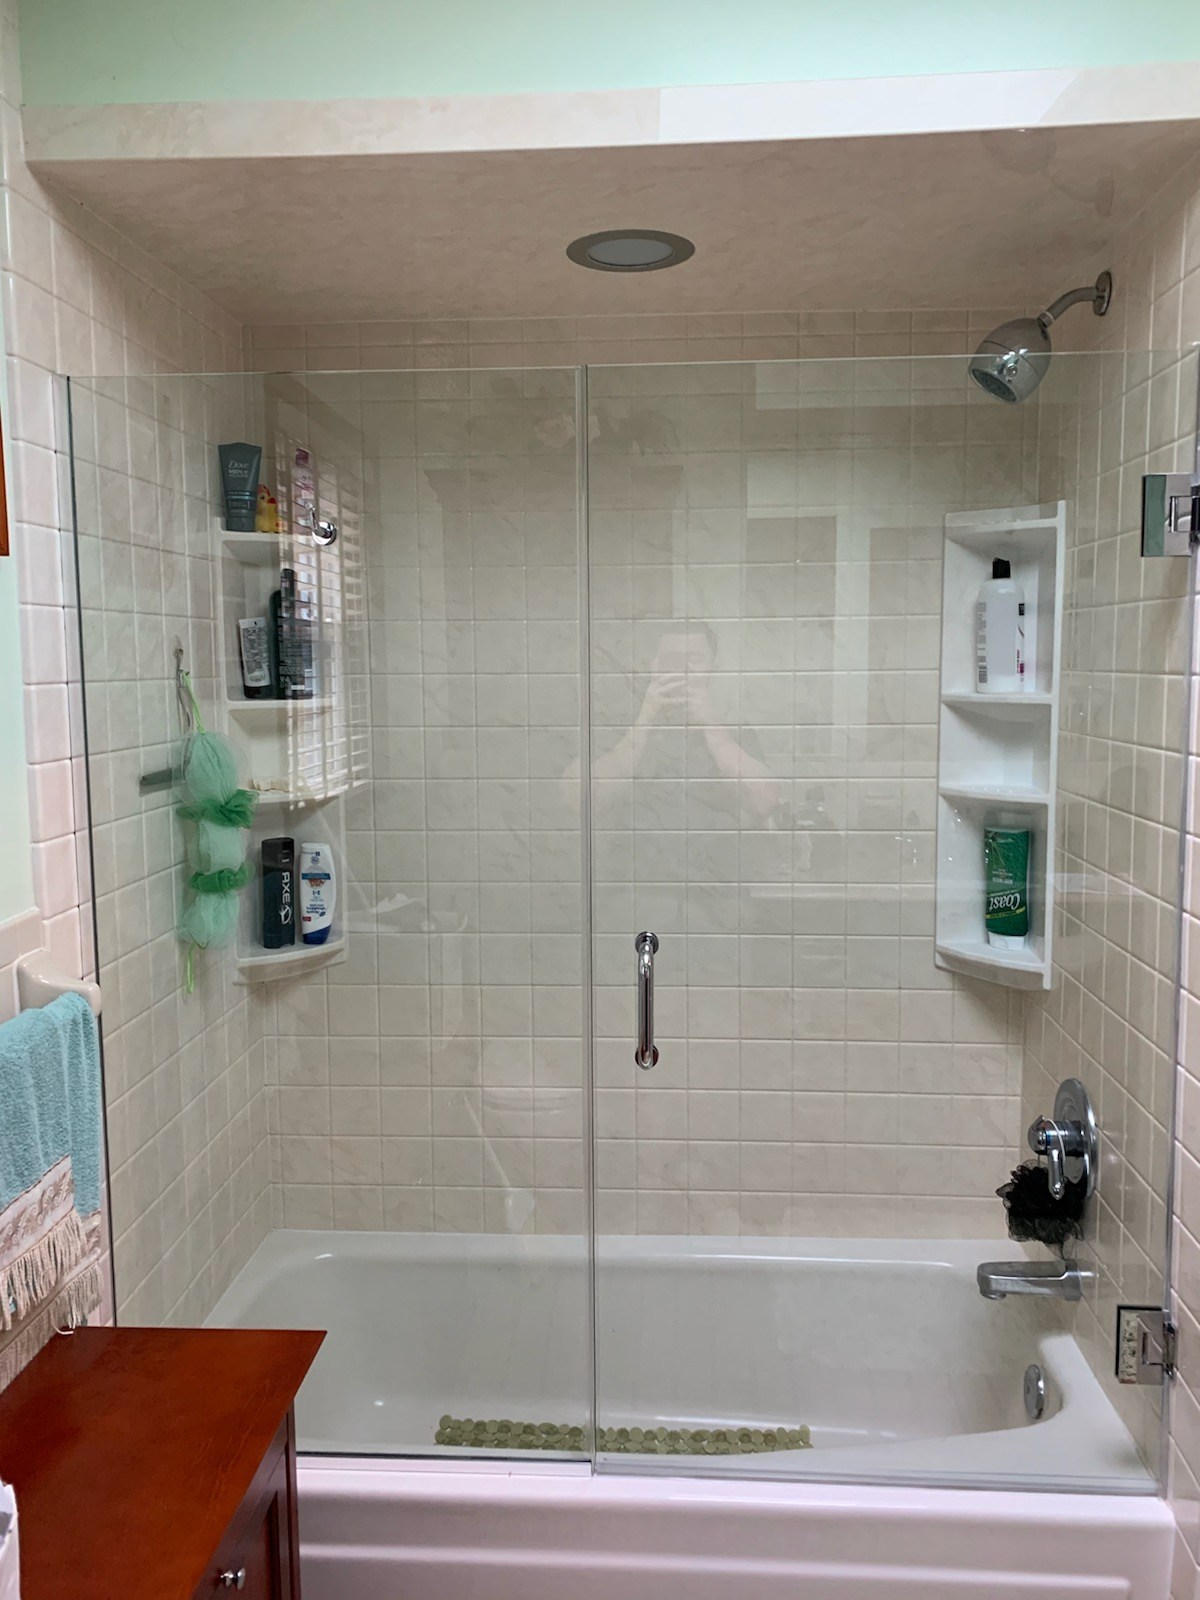 Roswell Frameless Shower Doors From Superior Shower Doors